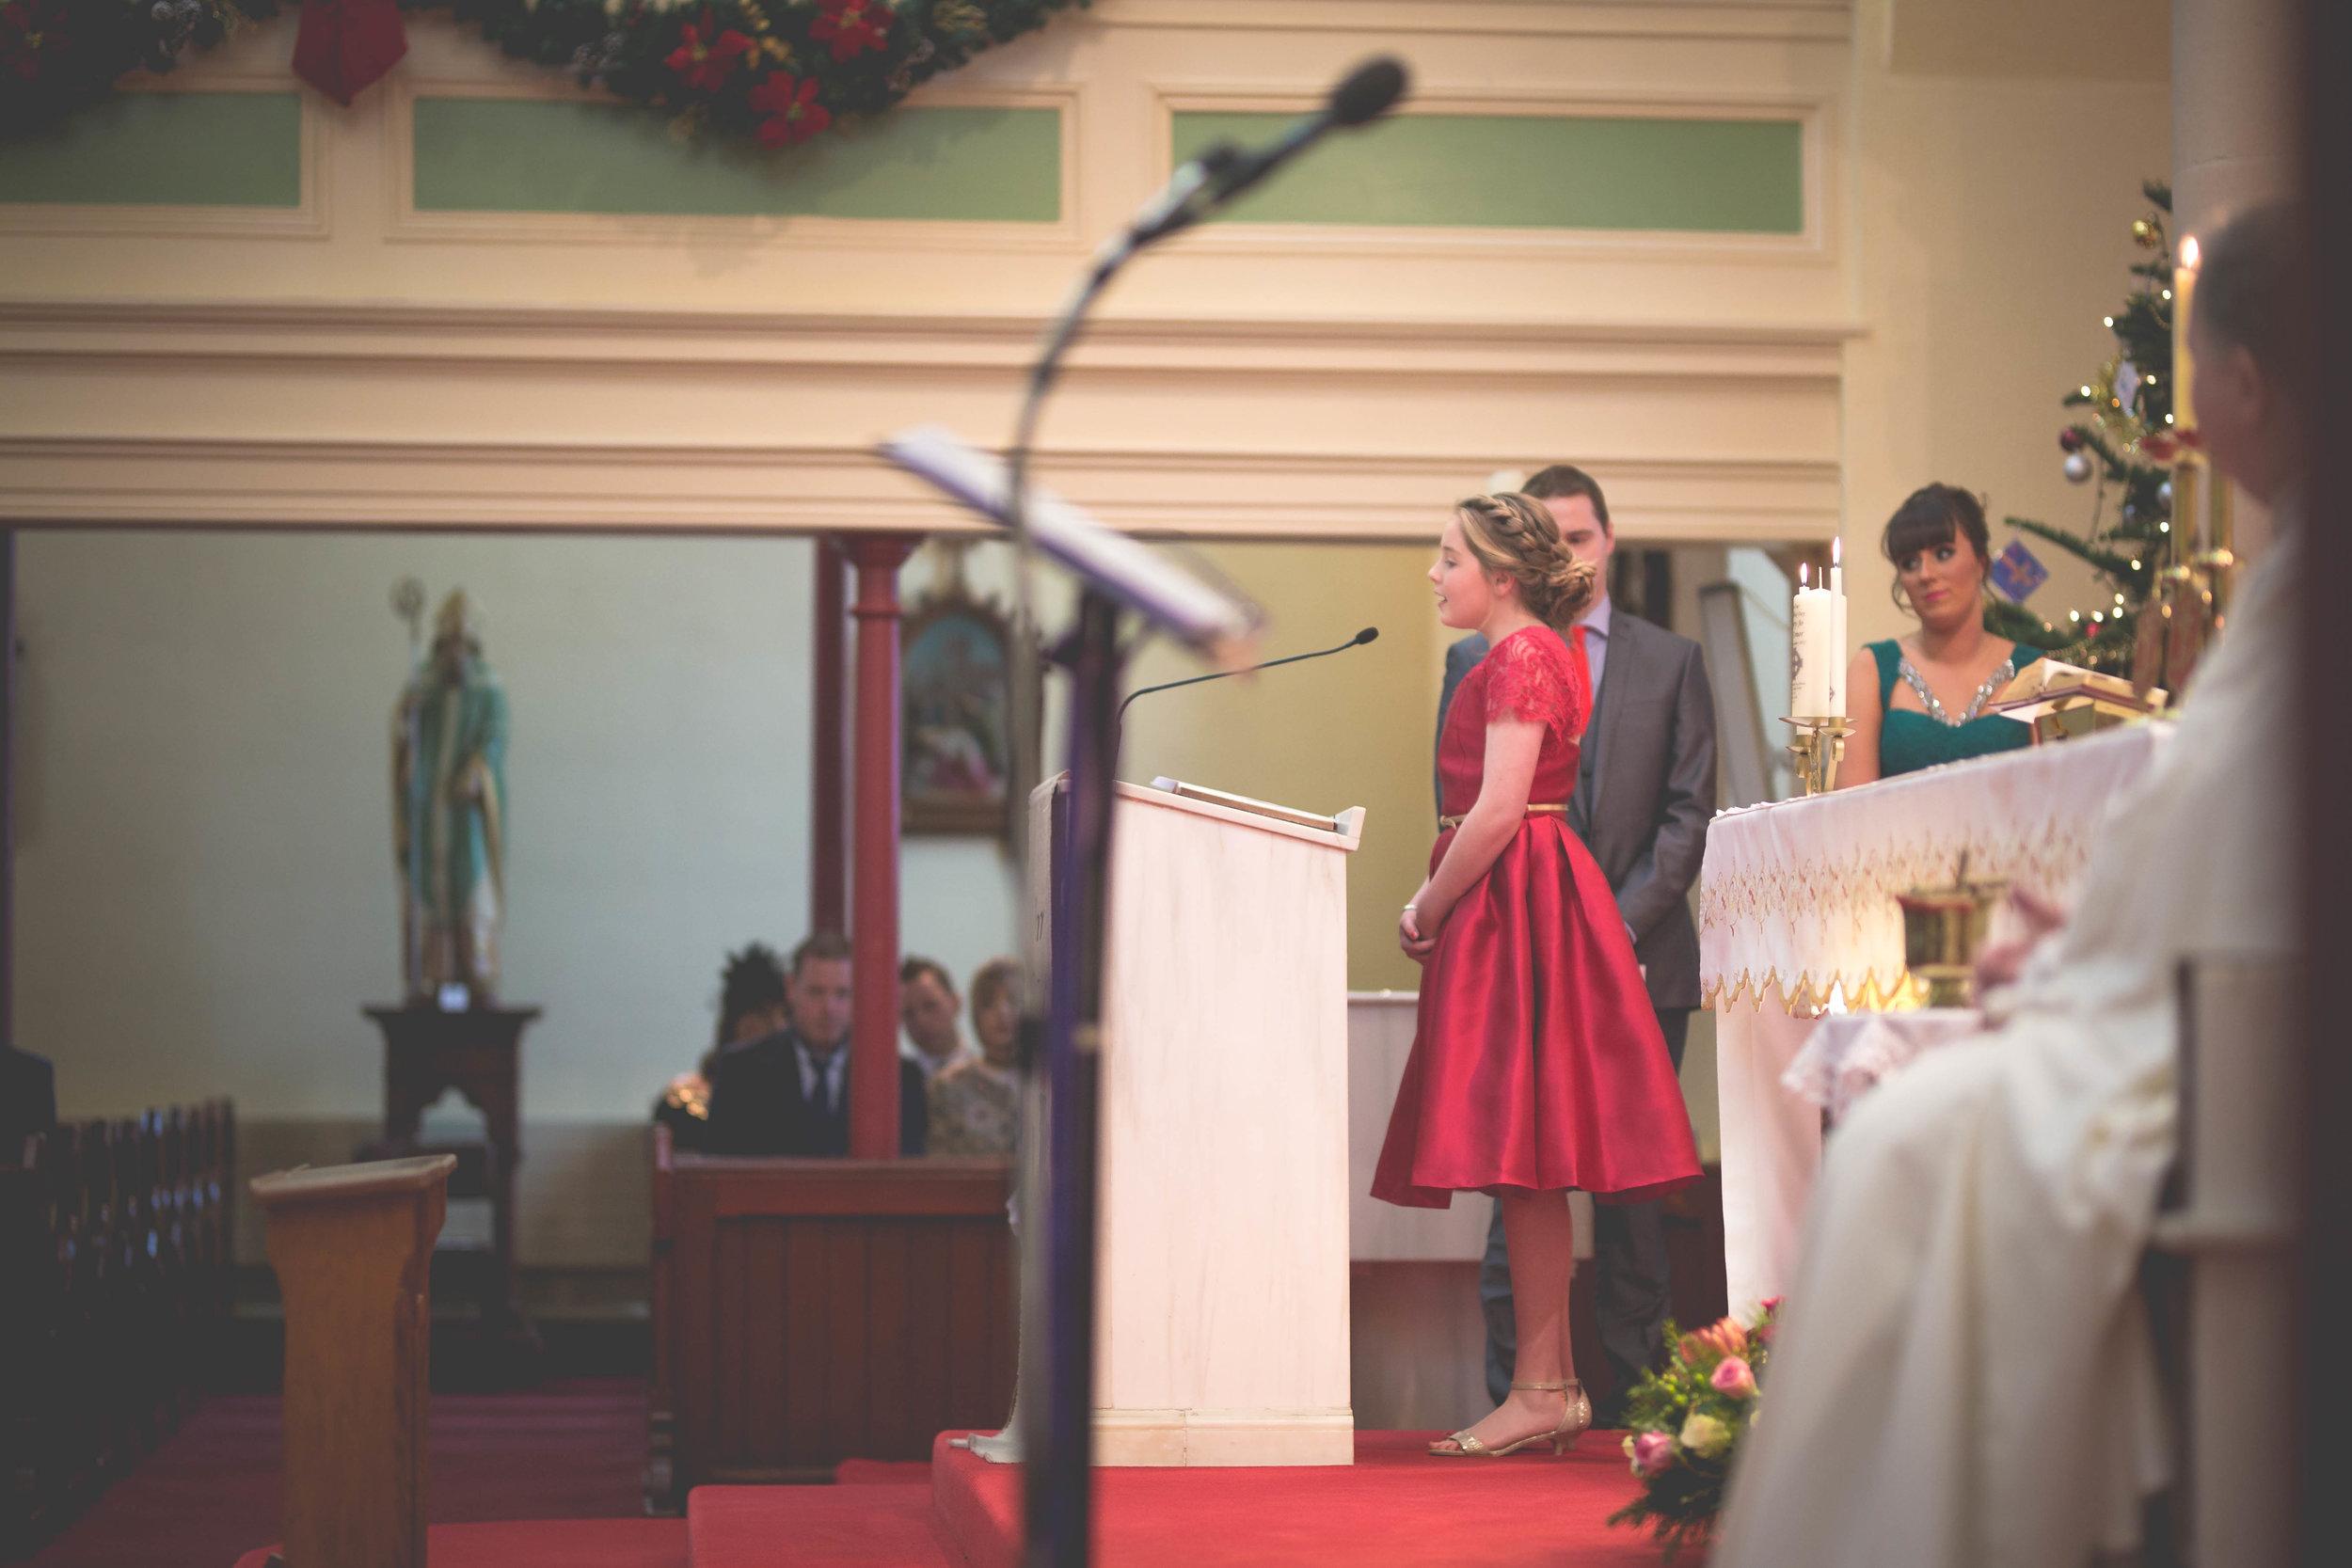 MaryJo_Conor_Mageean_Ceremony-49.jpg